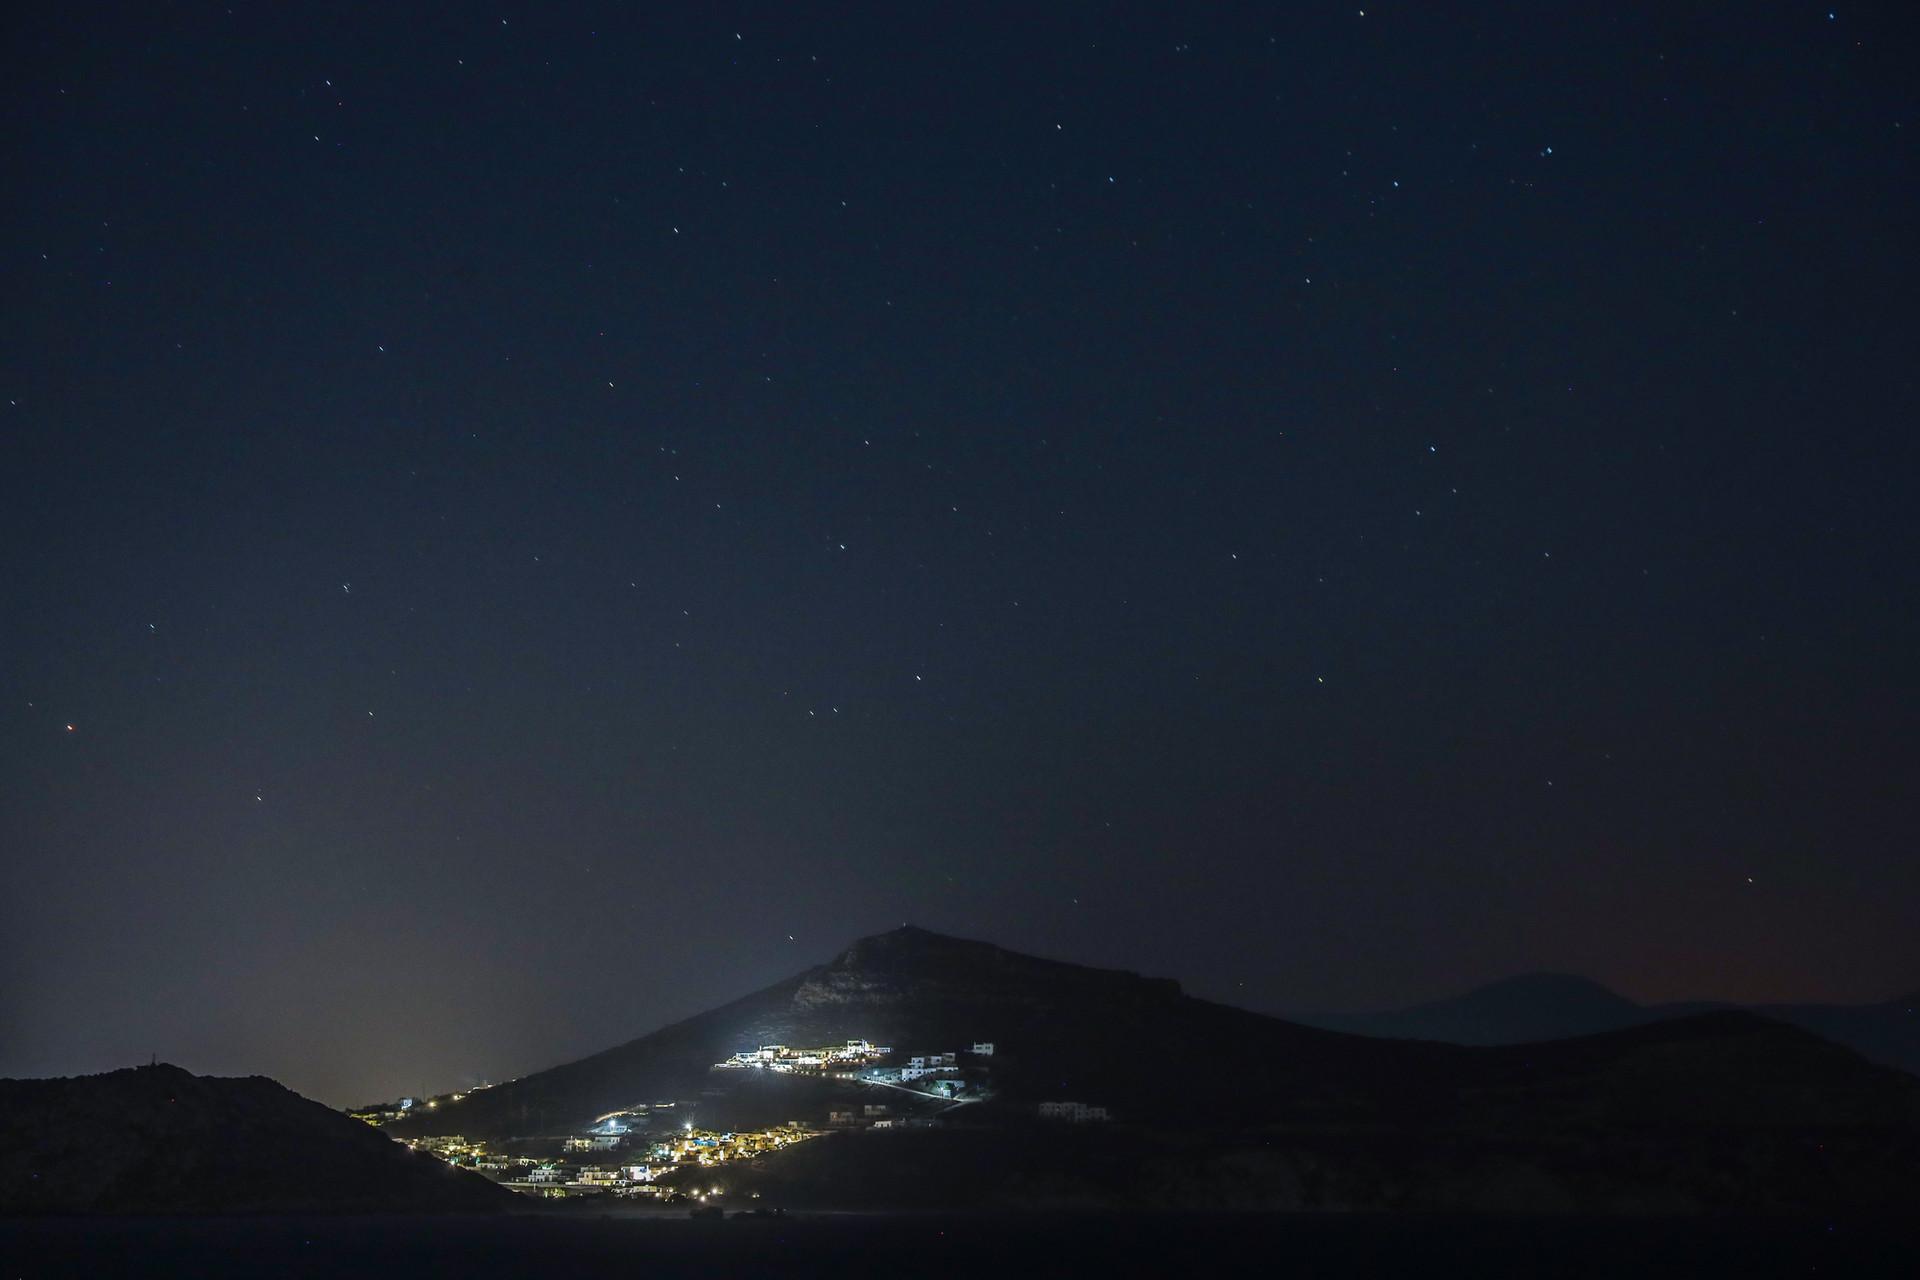 Niut étoilée dans les Cyclades, Grèce